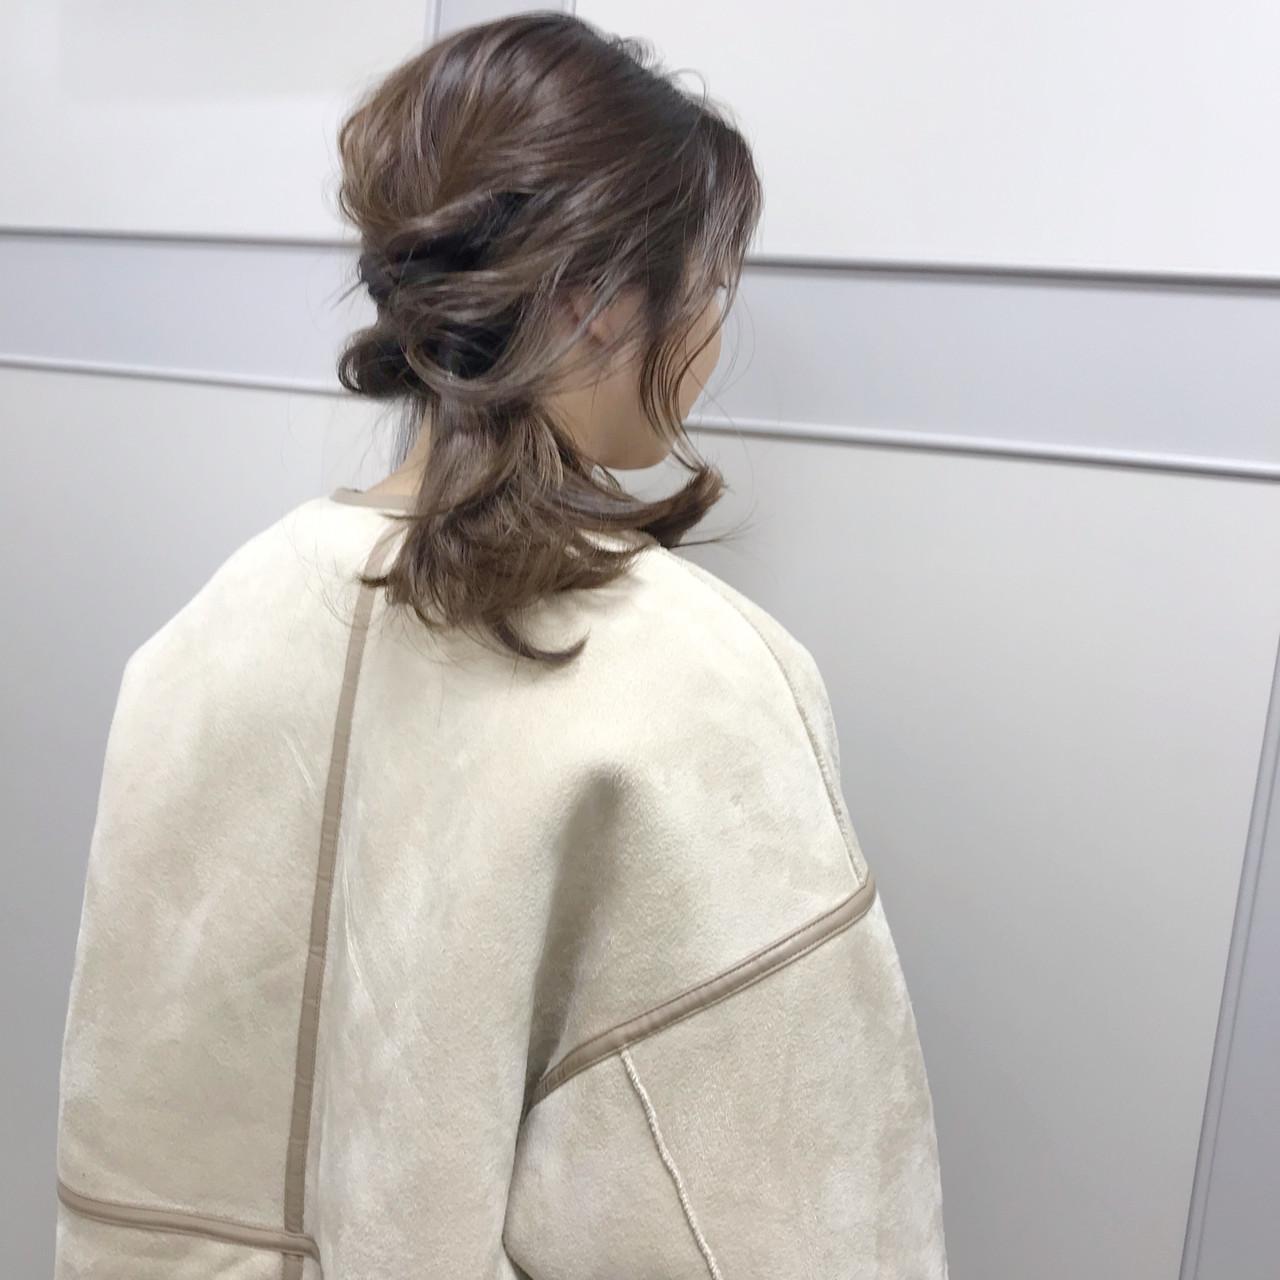 ベージュ フェミニン ヘアカラー ロングヘアスタイルや髪型の写真・画像